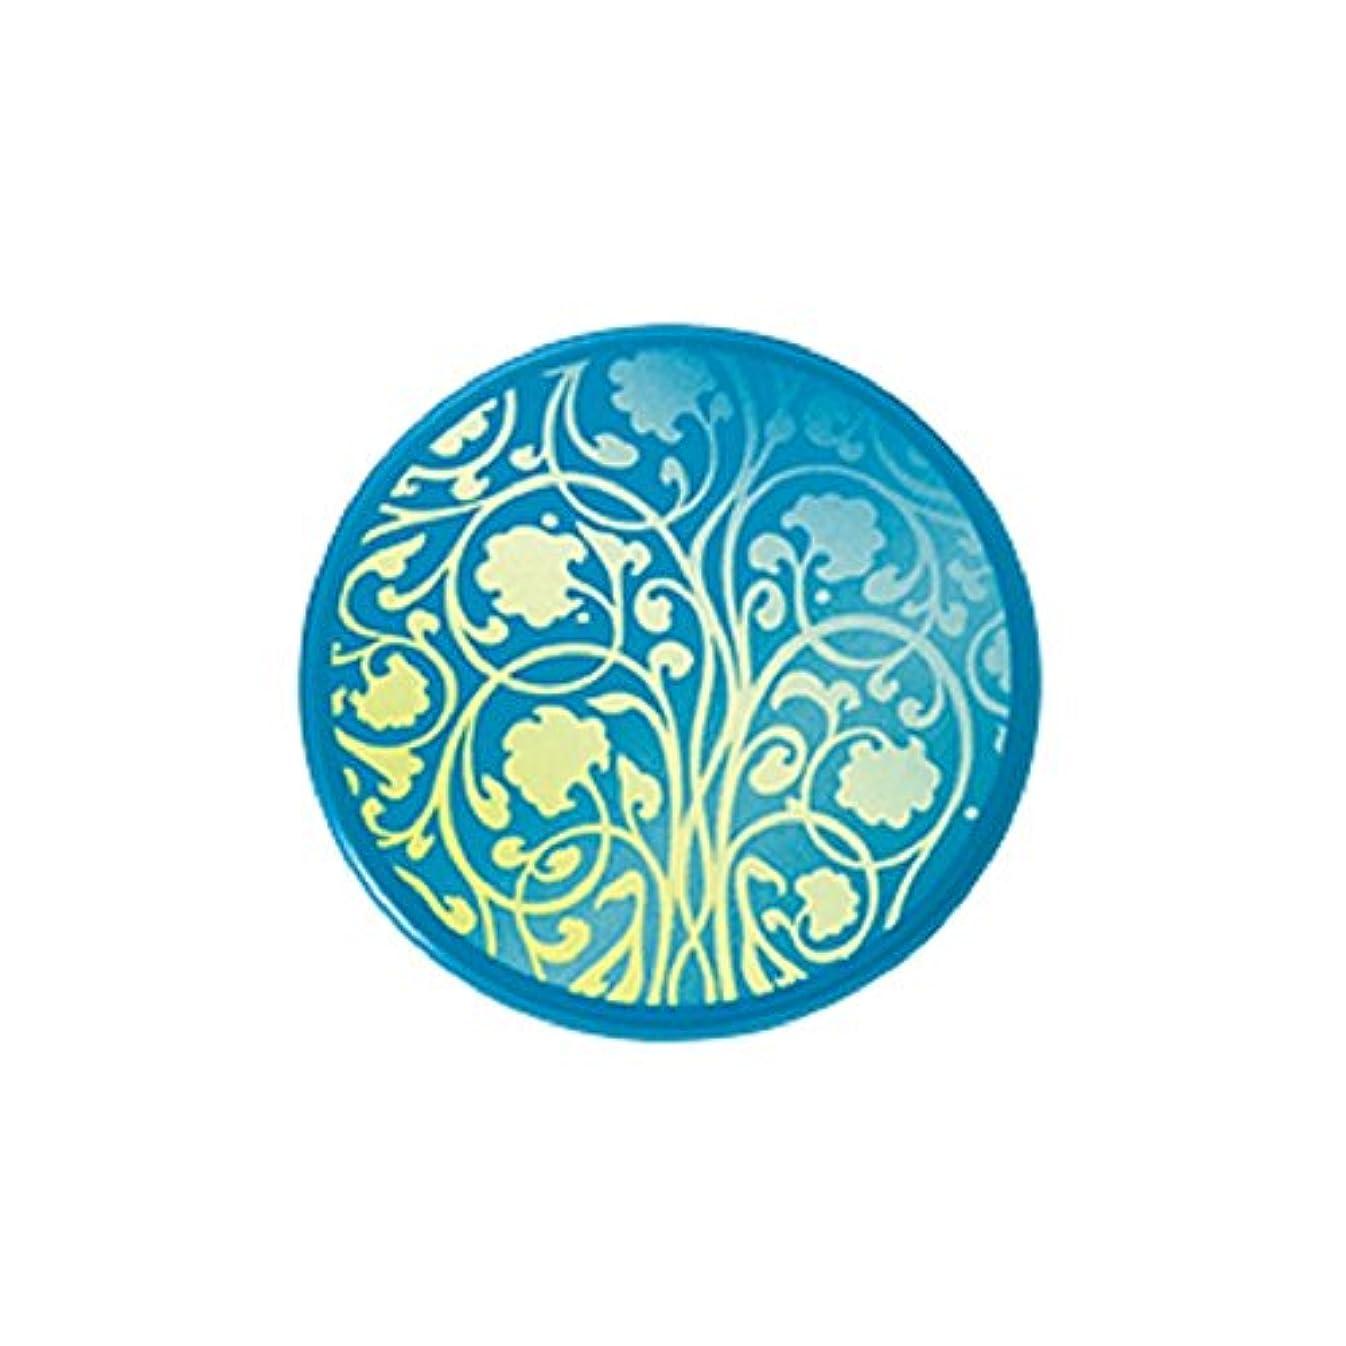 タフ常習的スチュアート島アユーラ (AYURA) ウェルフィット アロマバーム 14g 〈ソリッドパヒューム〉 心地よい森林の香気